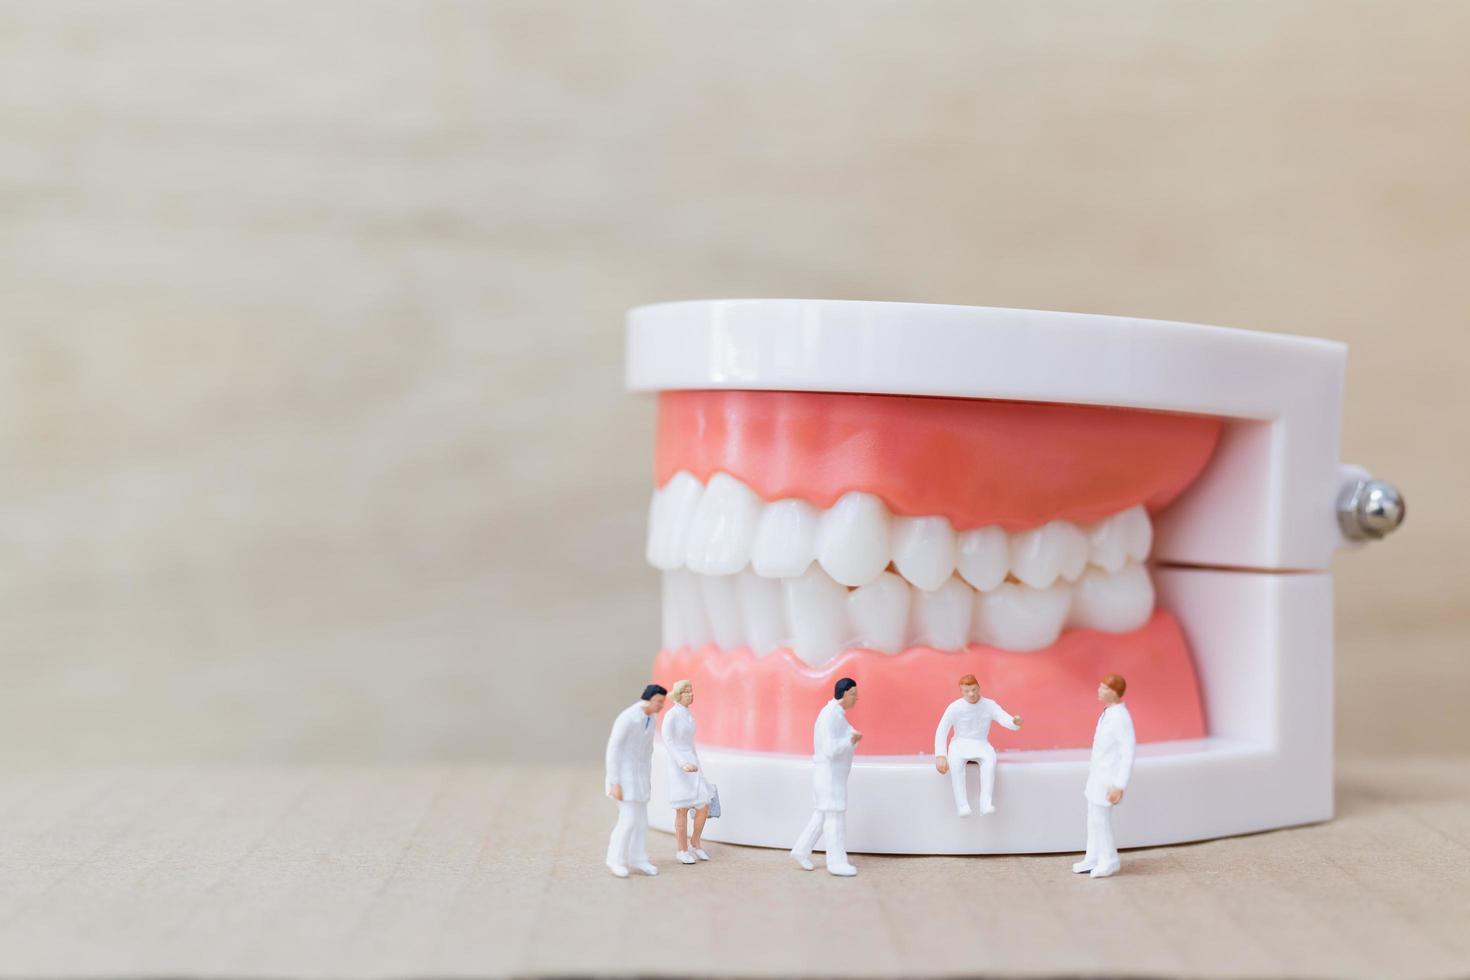 Miniaturzahnärzte und Krankenschwestern beobachten und diskutieren über menschliche Zähne mit Zahnfleisch und Schmelzmodell auf einem hölzernen Hintergrund foto